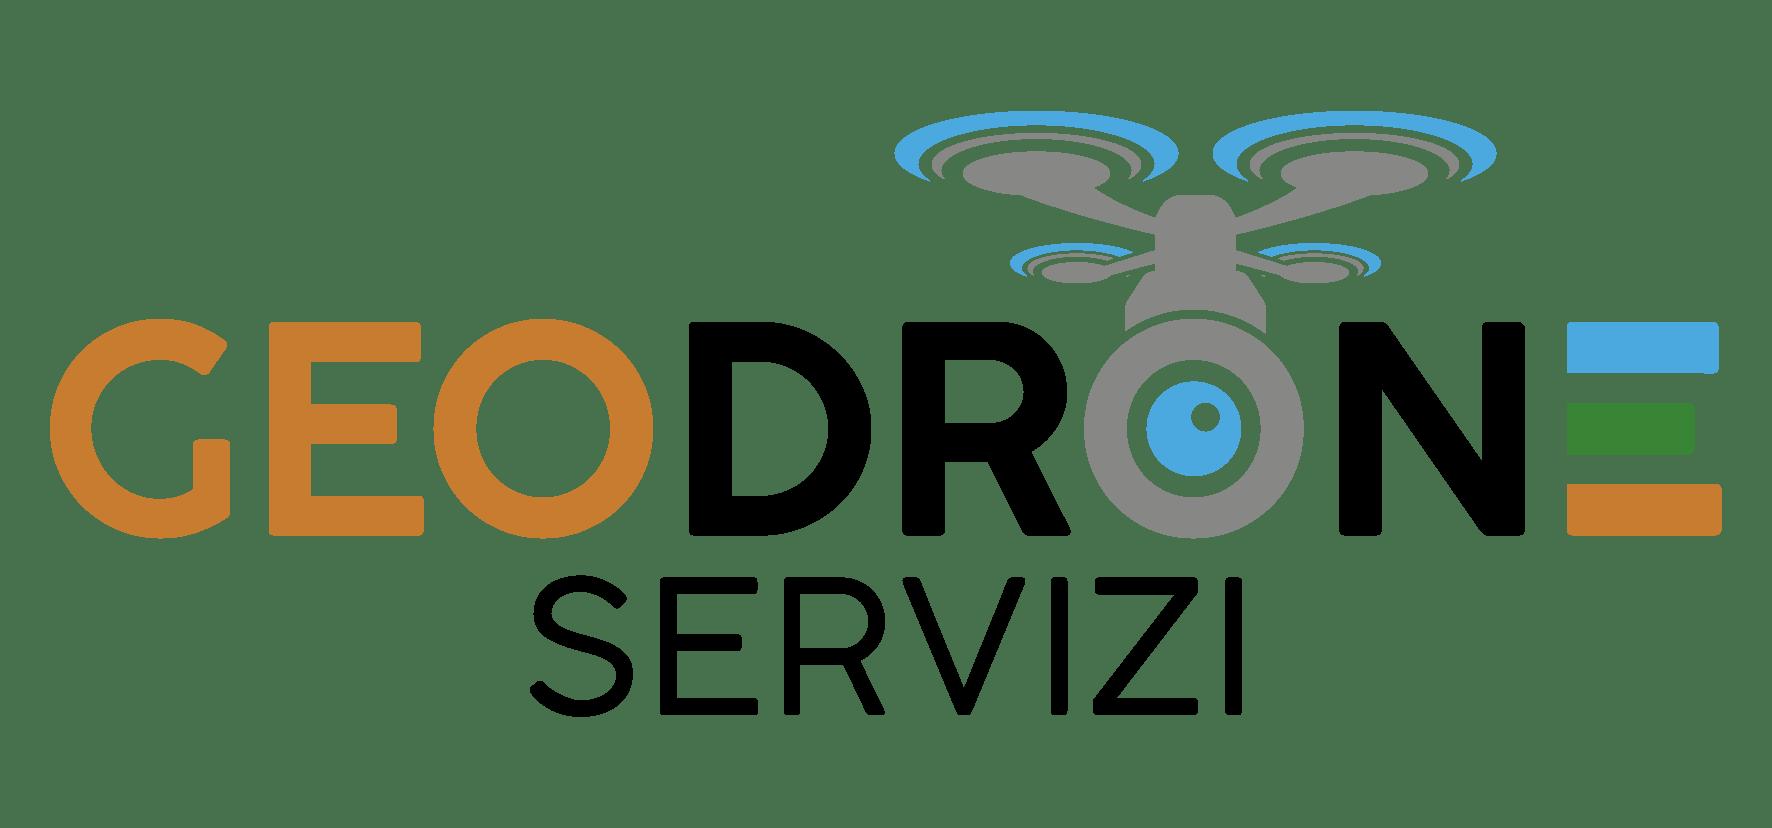 Geodrone Servizi